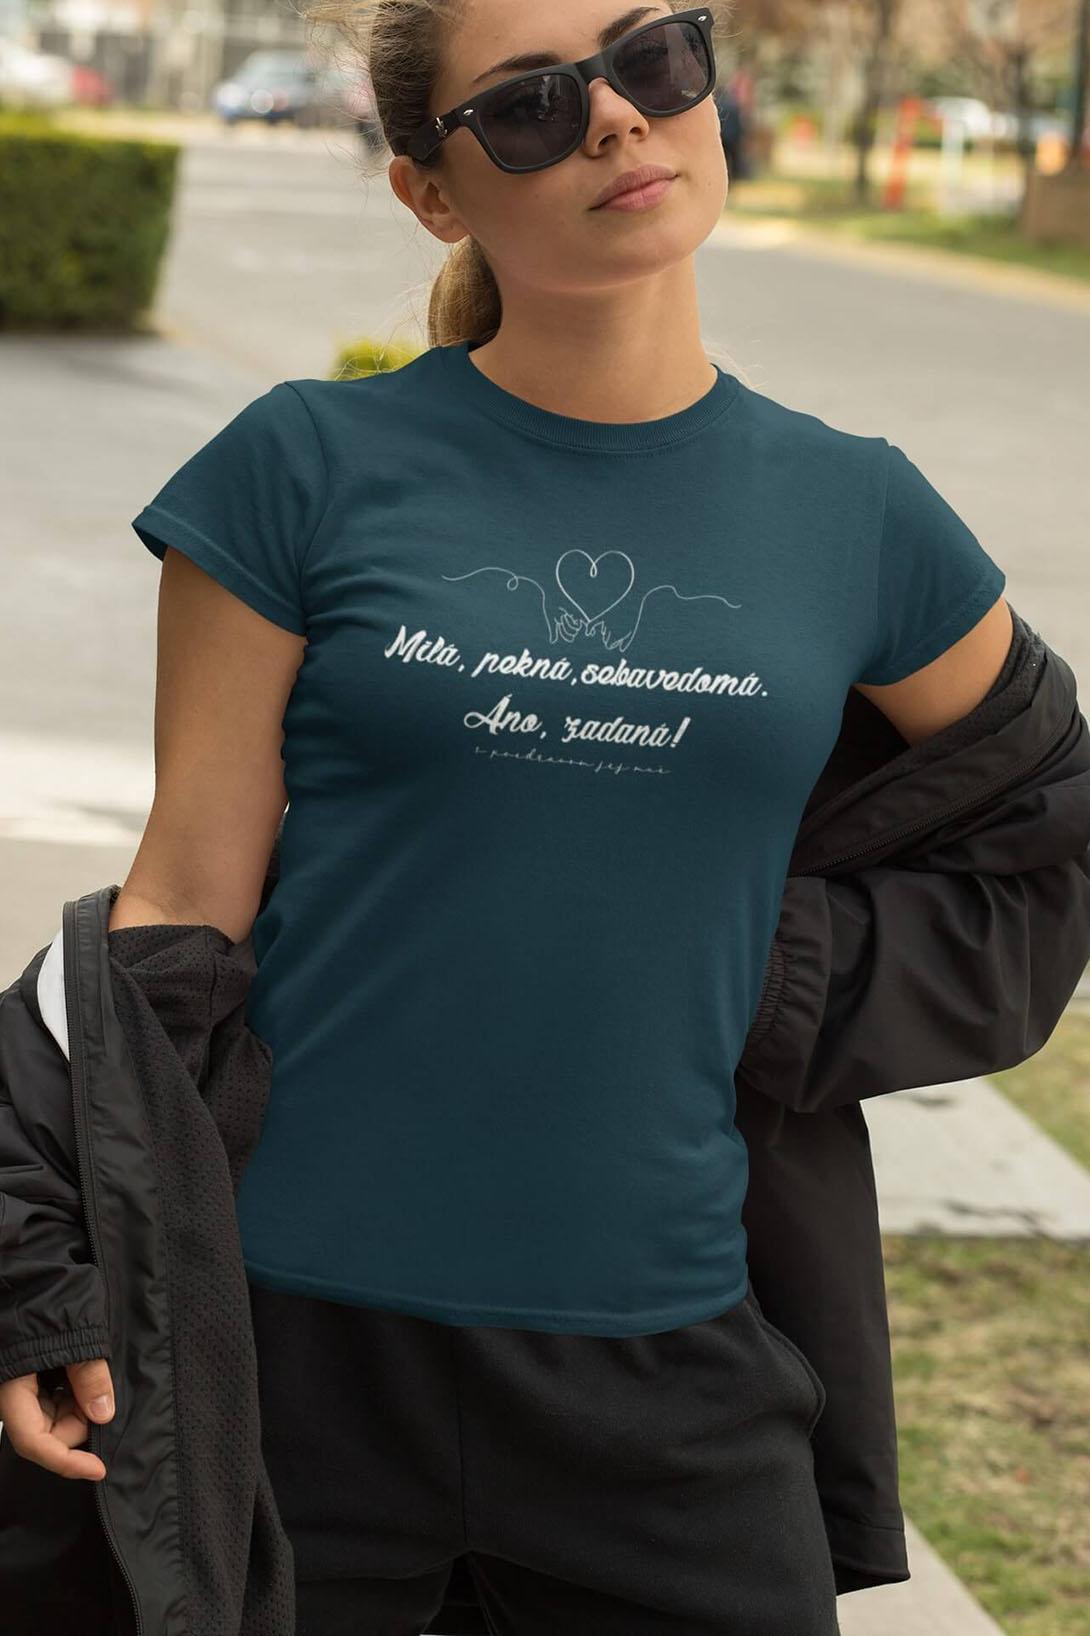 MMO Dámske tričko Milá, pekná, sebavedomá Vyberte farbu: Petrolejová modrá, Vyberte veľkosť: M